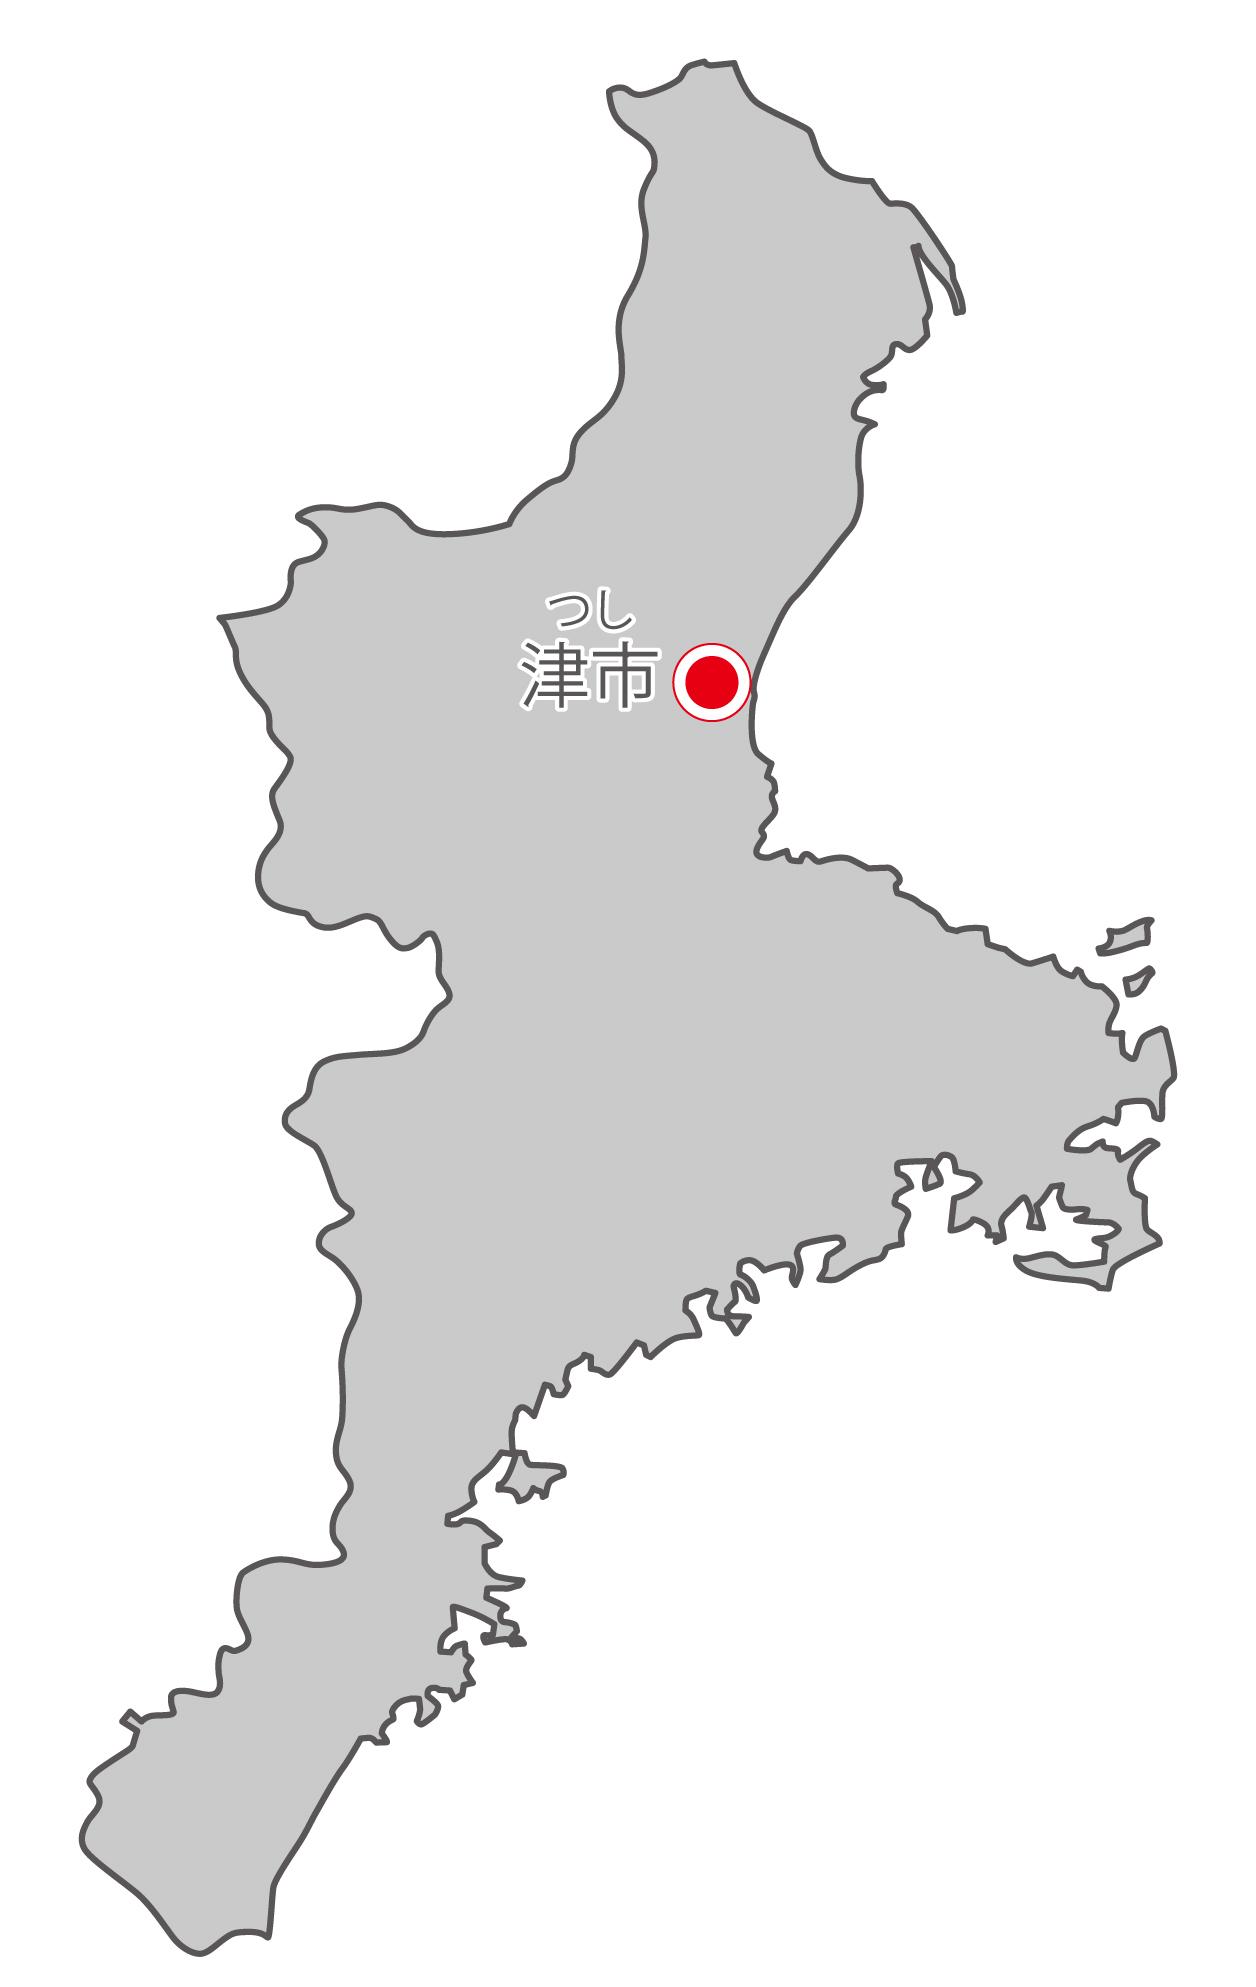 三重県無料フリーイラスト|日本語・県庁所在地あり・ルビあり(グレー)